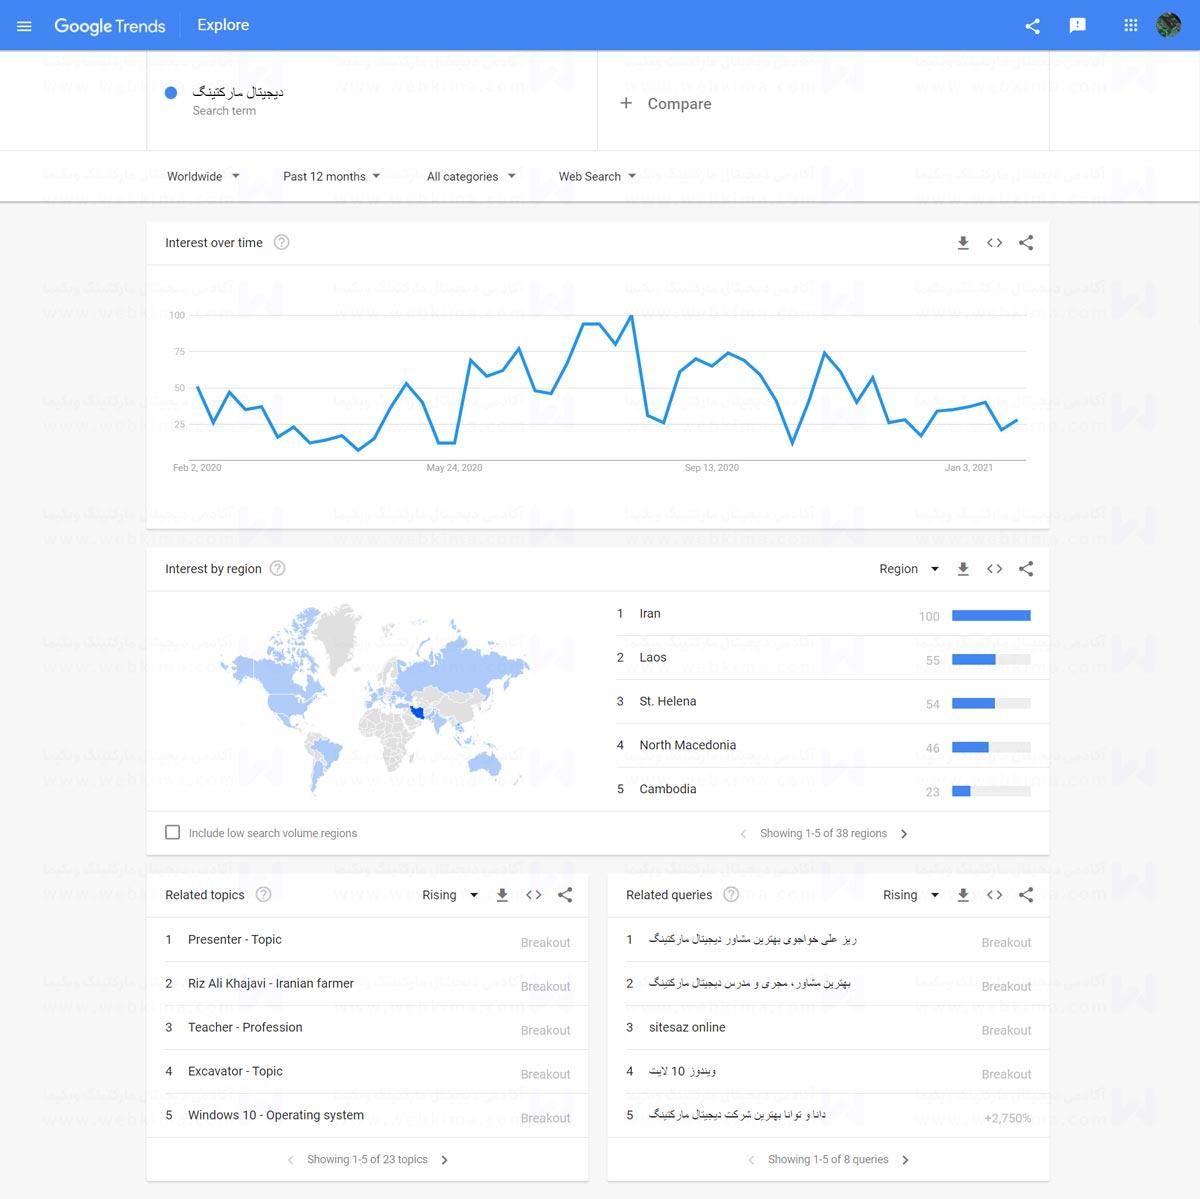 آمار ابزار گوگل ترندز در رابطه با عبارت > دیجیتال مارکتینگ | آموزش استفاده از گوگل ترندز